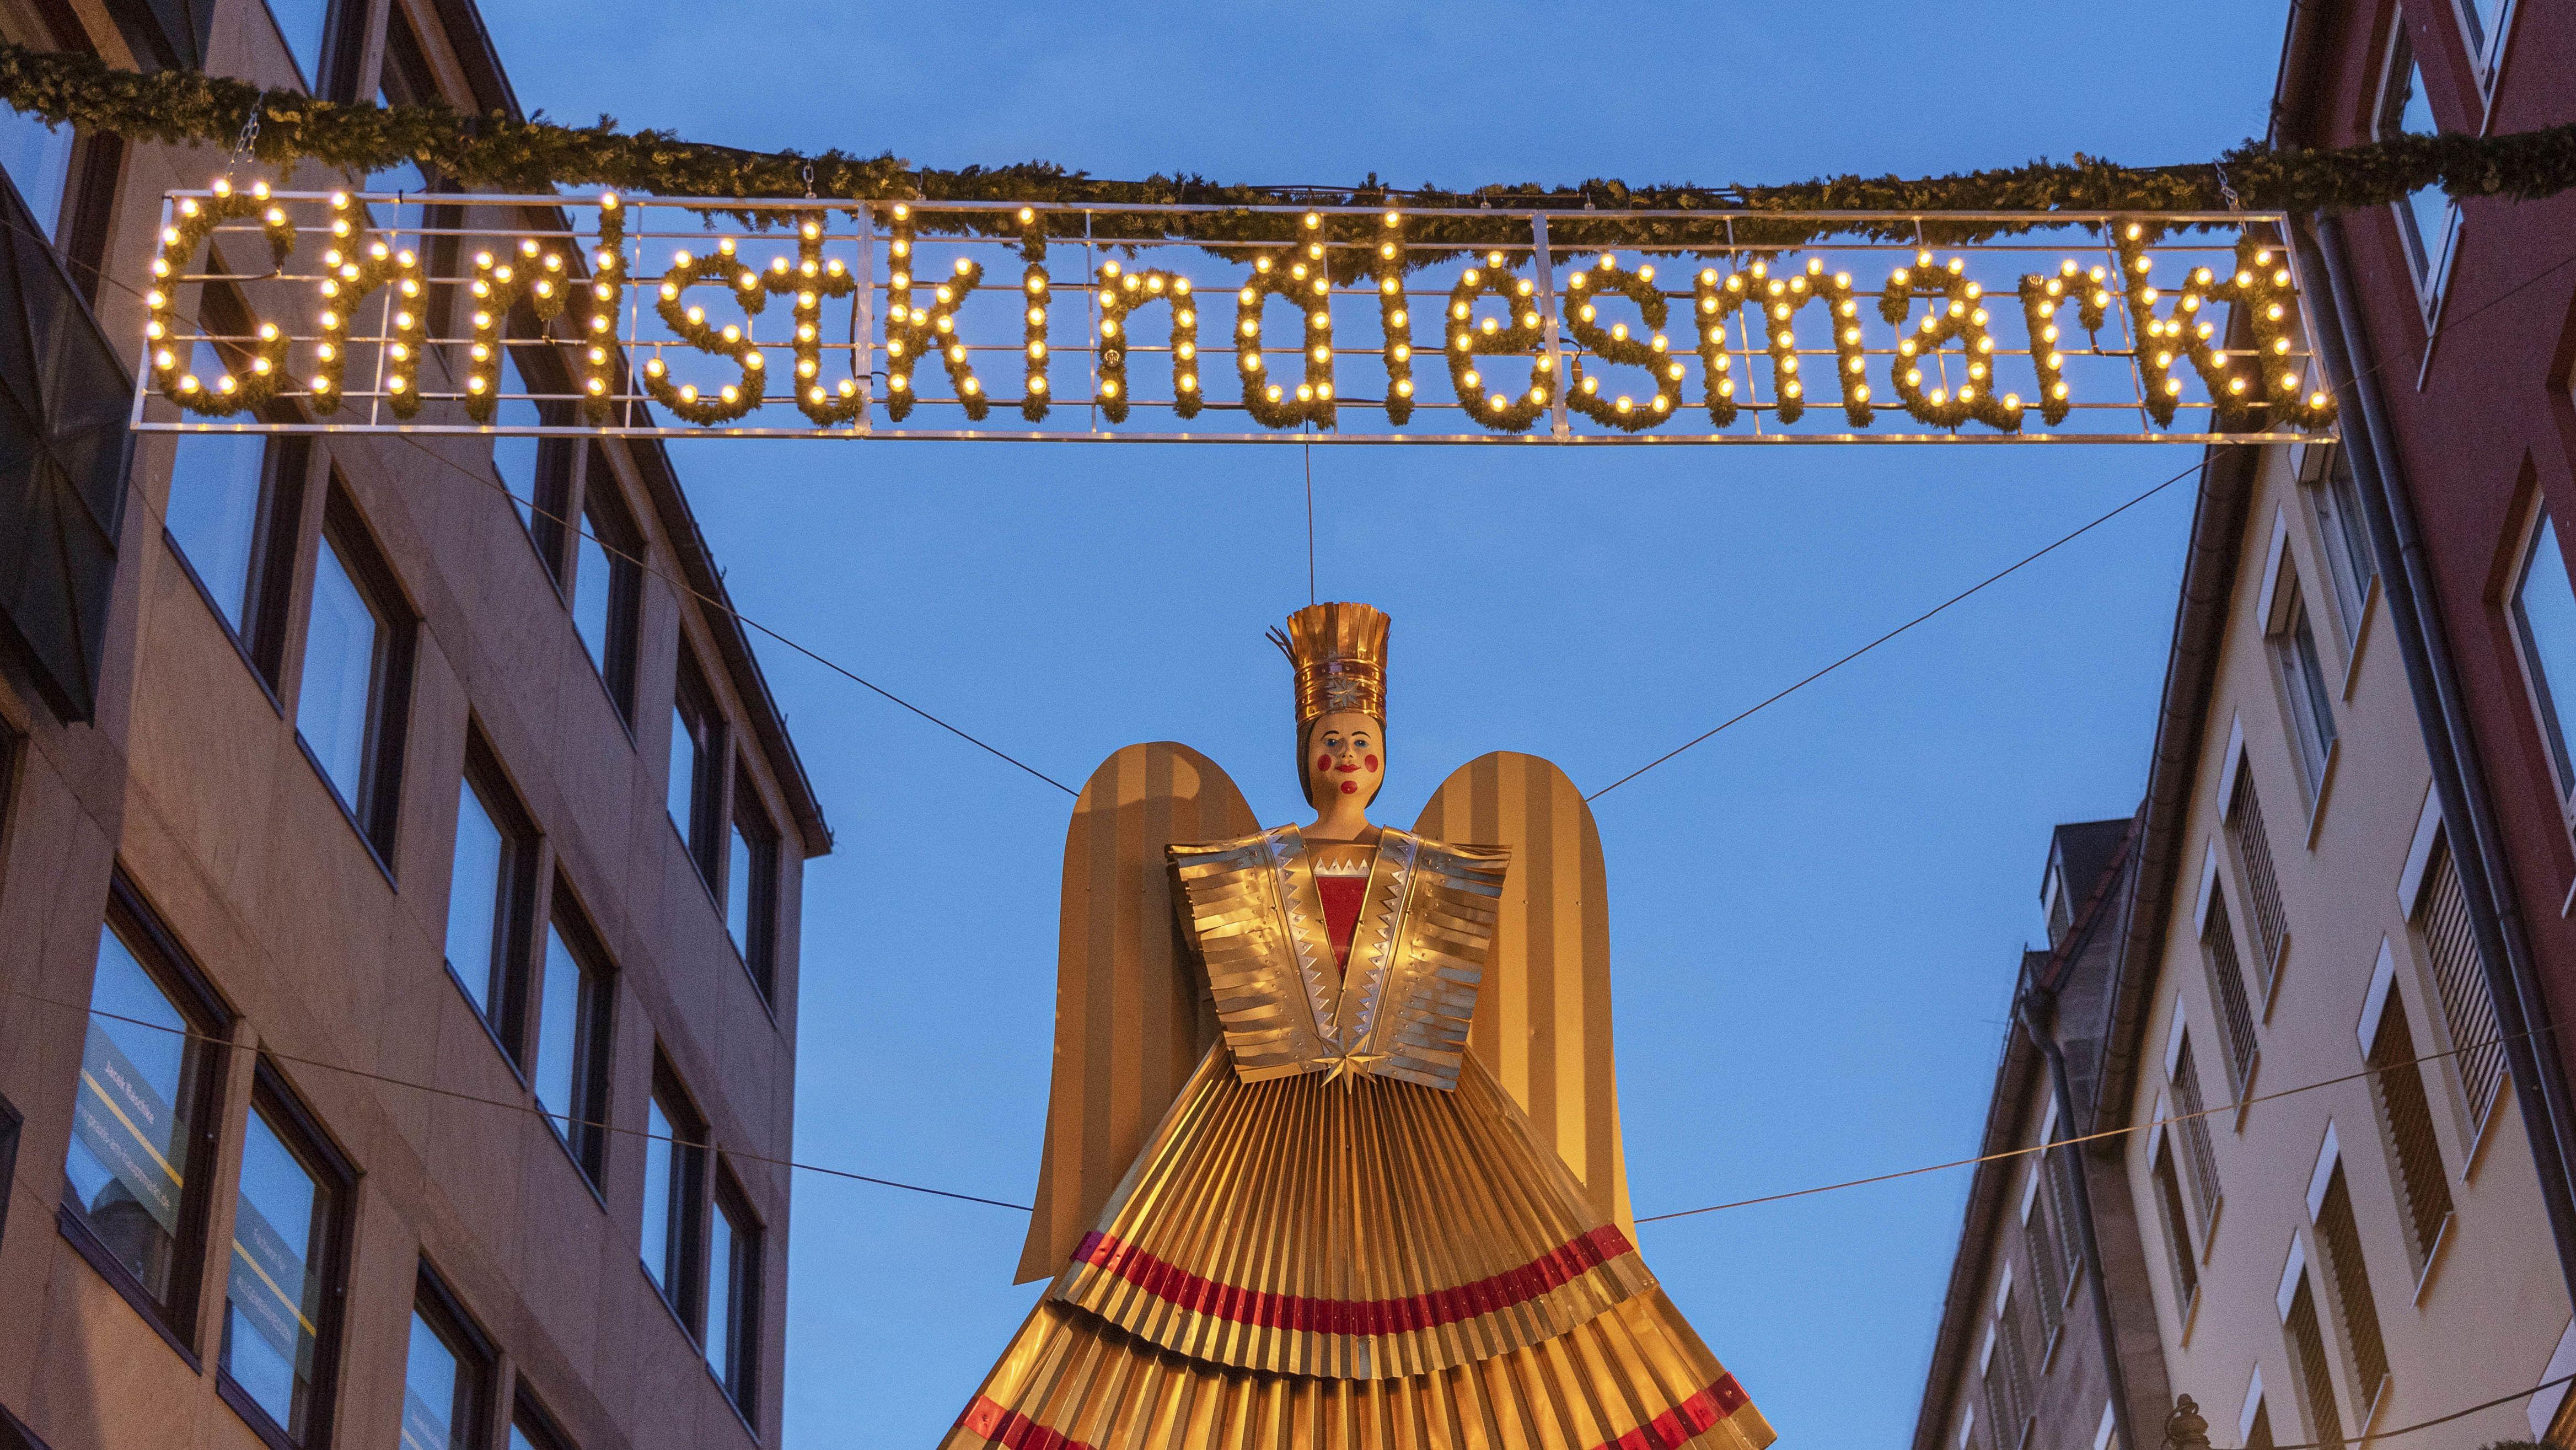 Nürnberger Christkindlesmarkt 2019 geht zu Ende